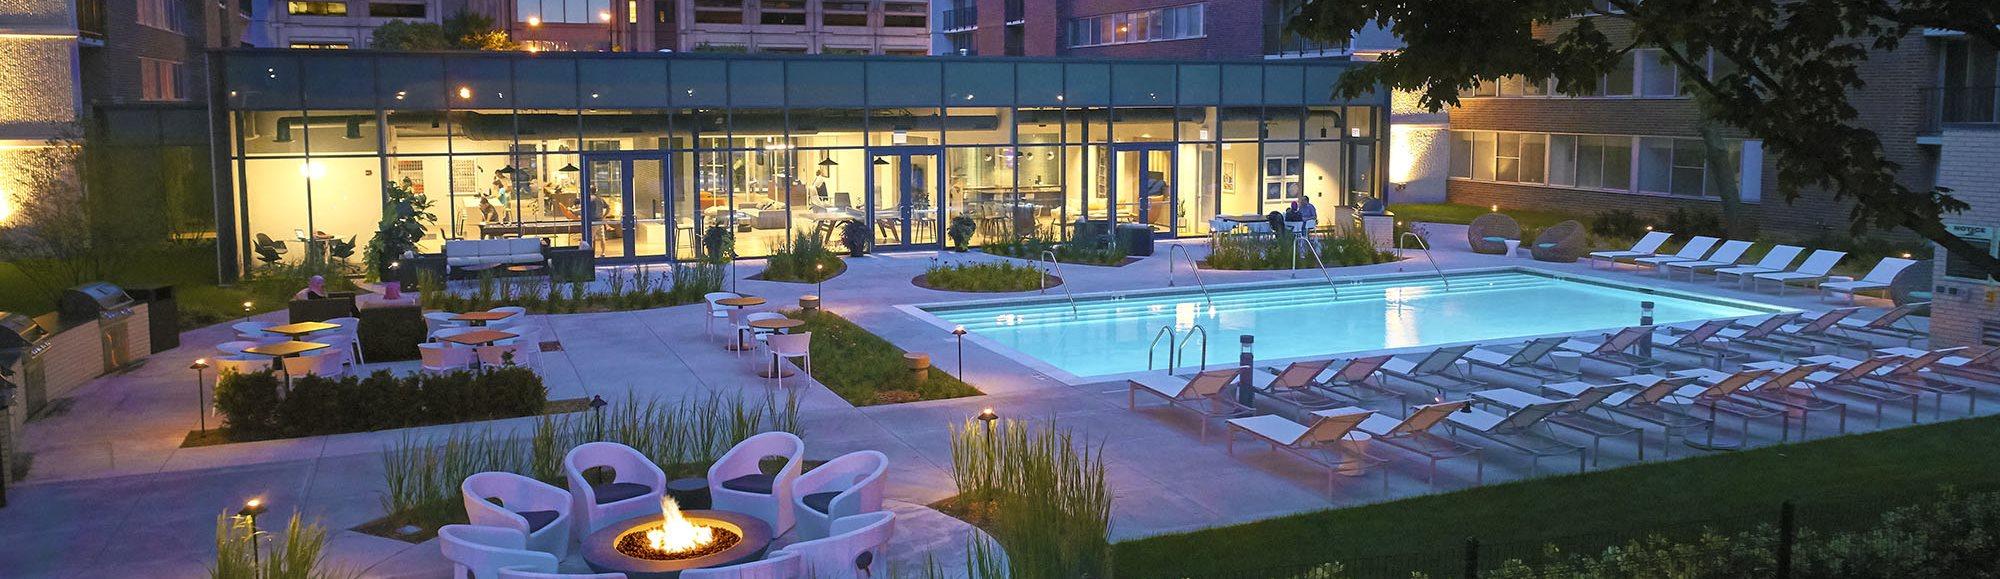 Scio Chicago Pool